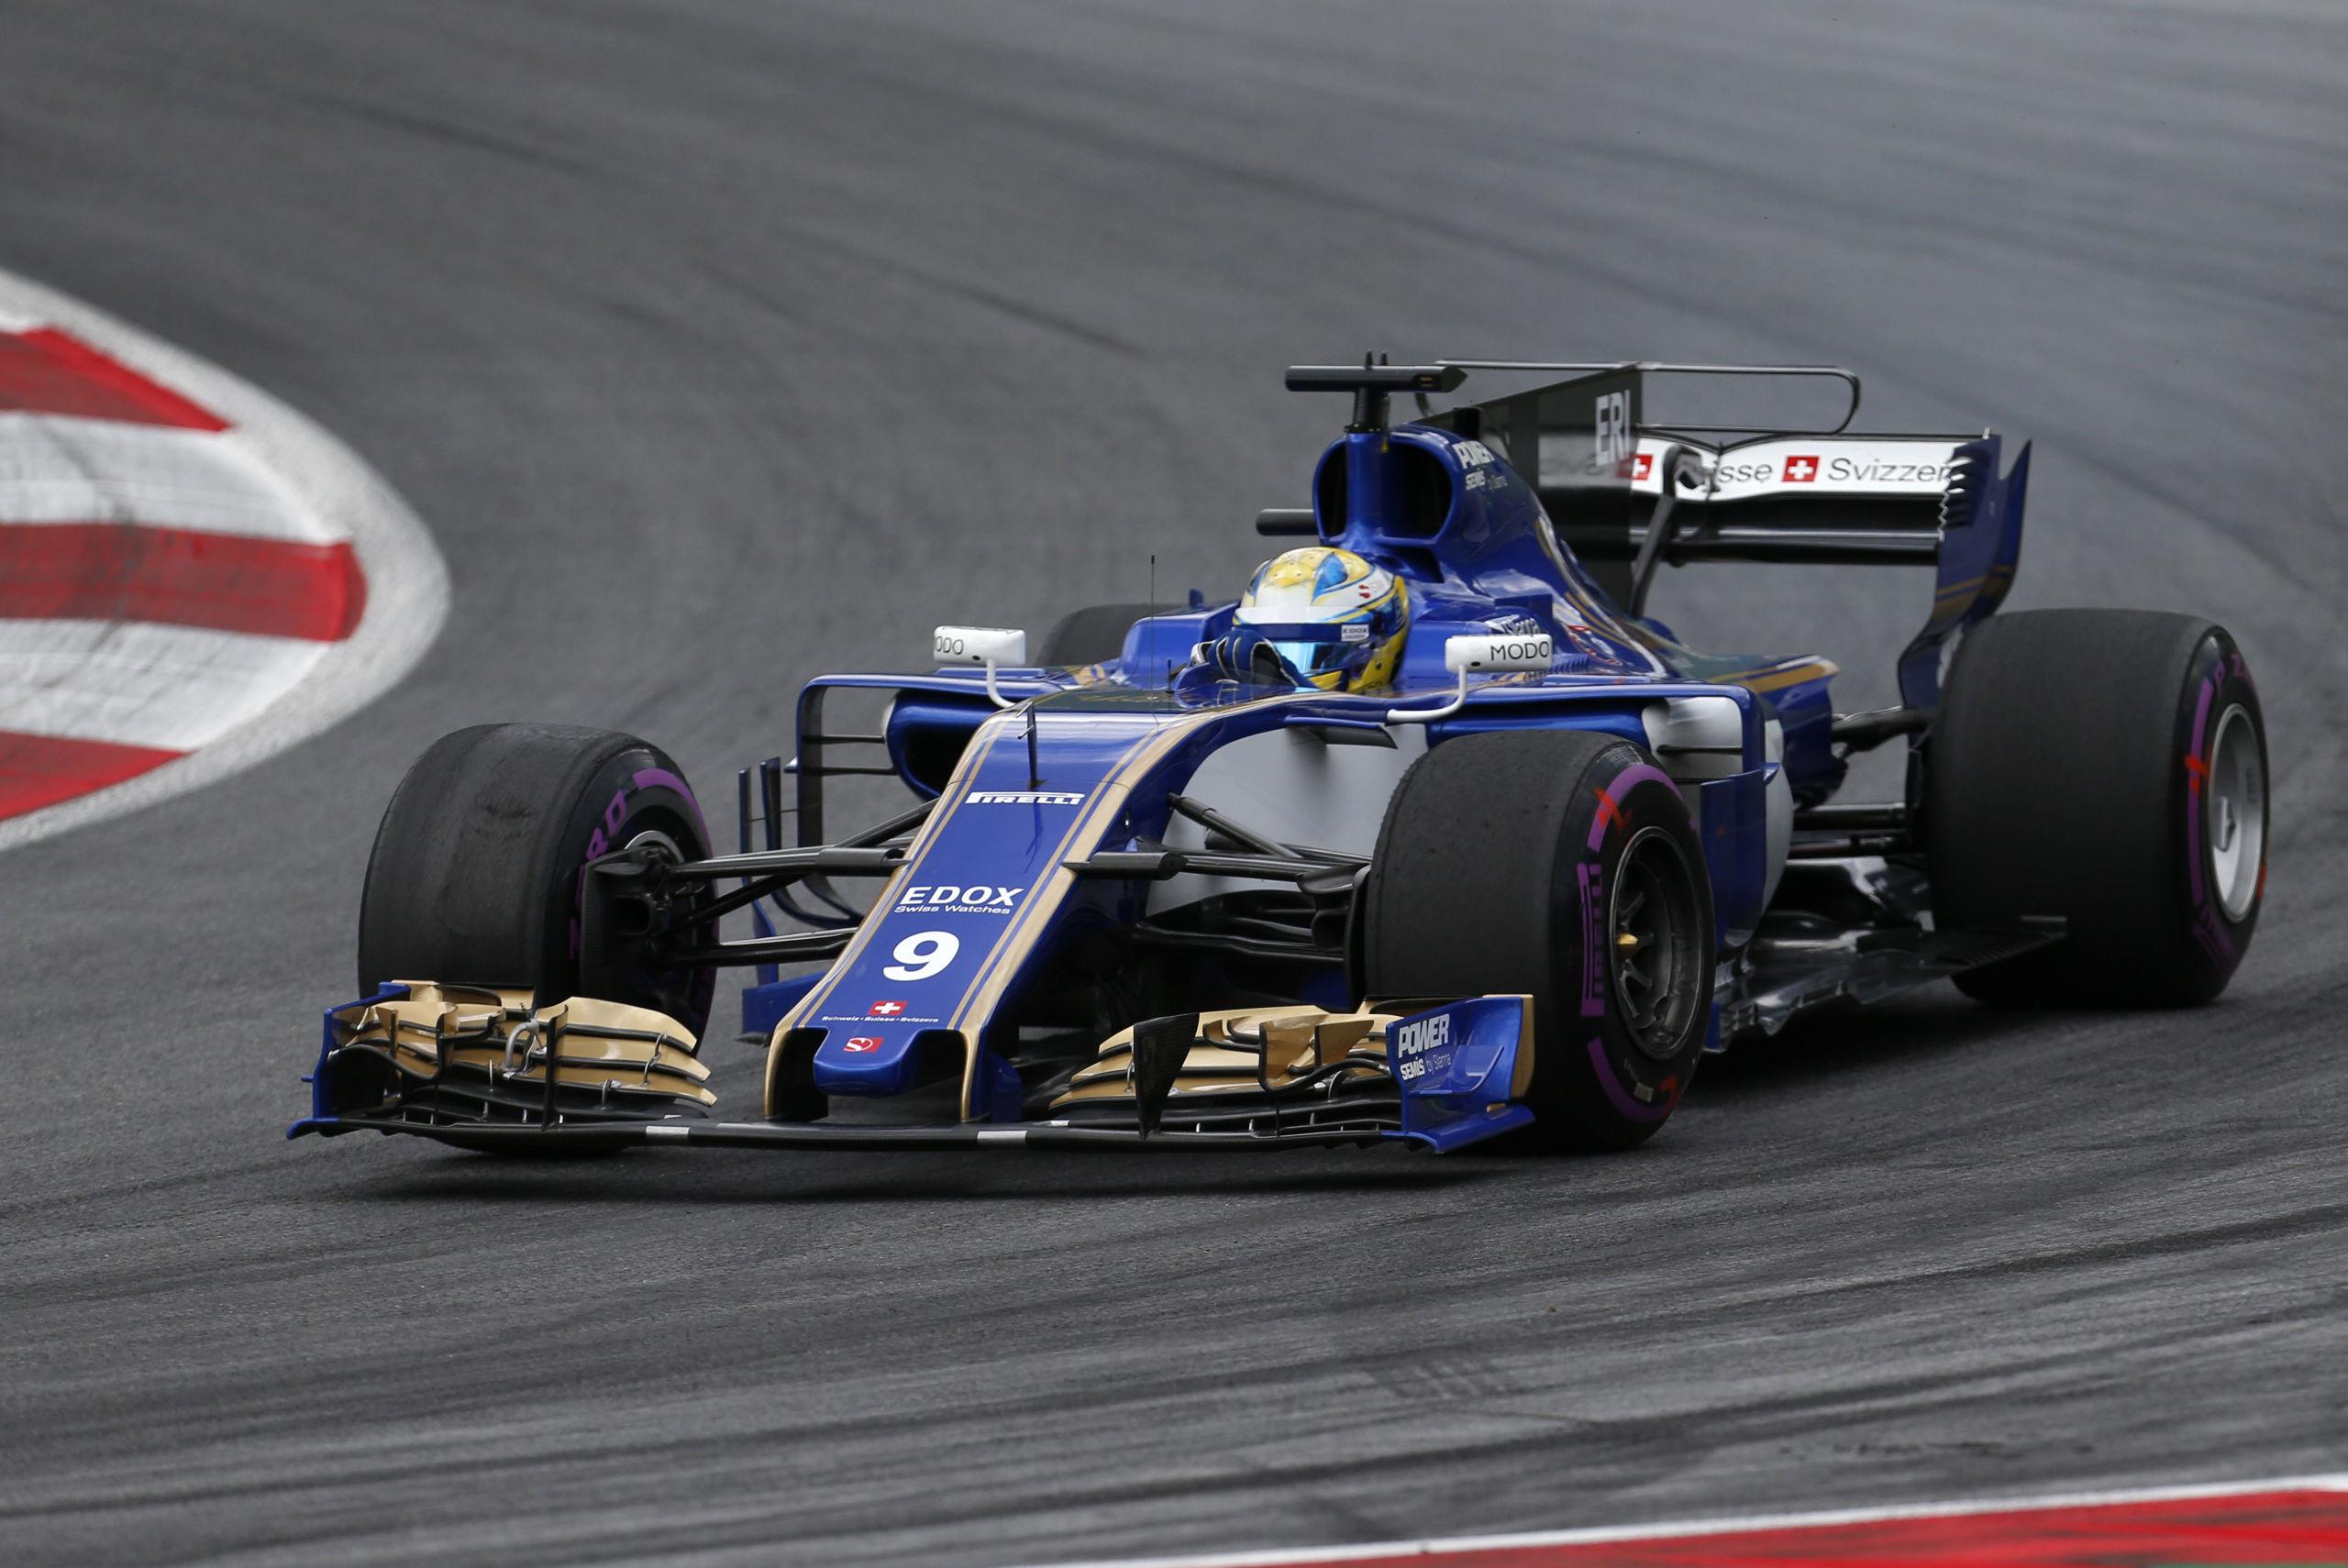 Vettels dromkontrakt gor honom stenrik